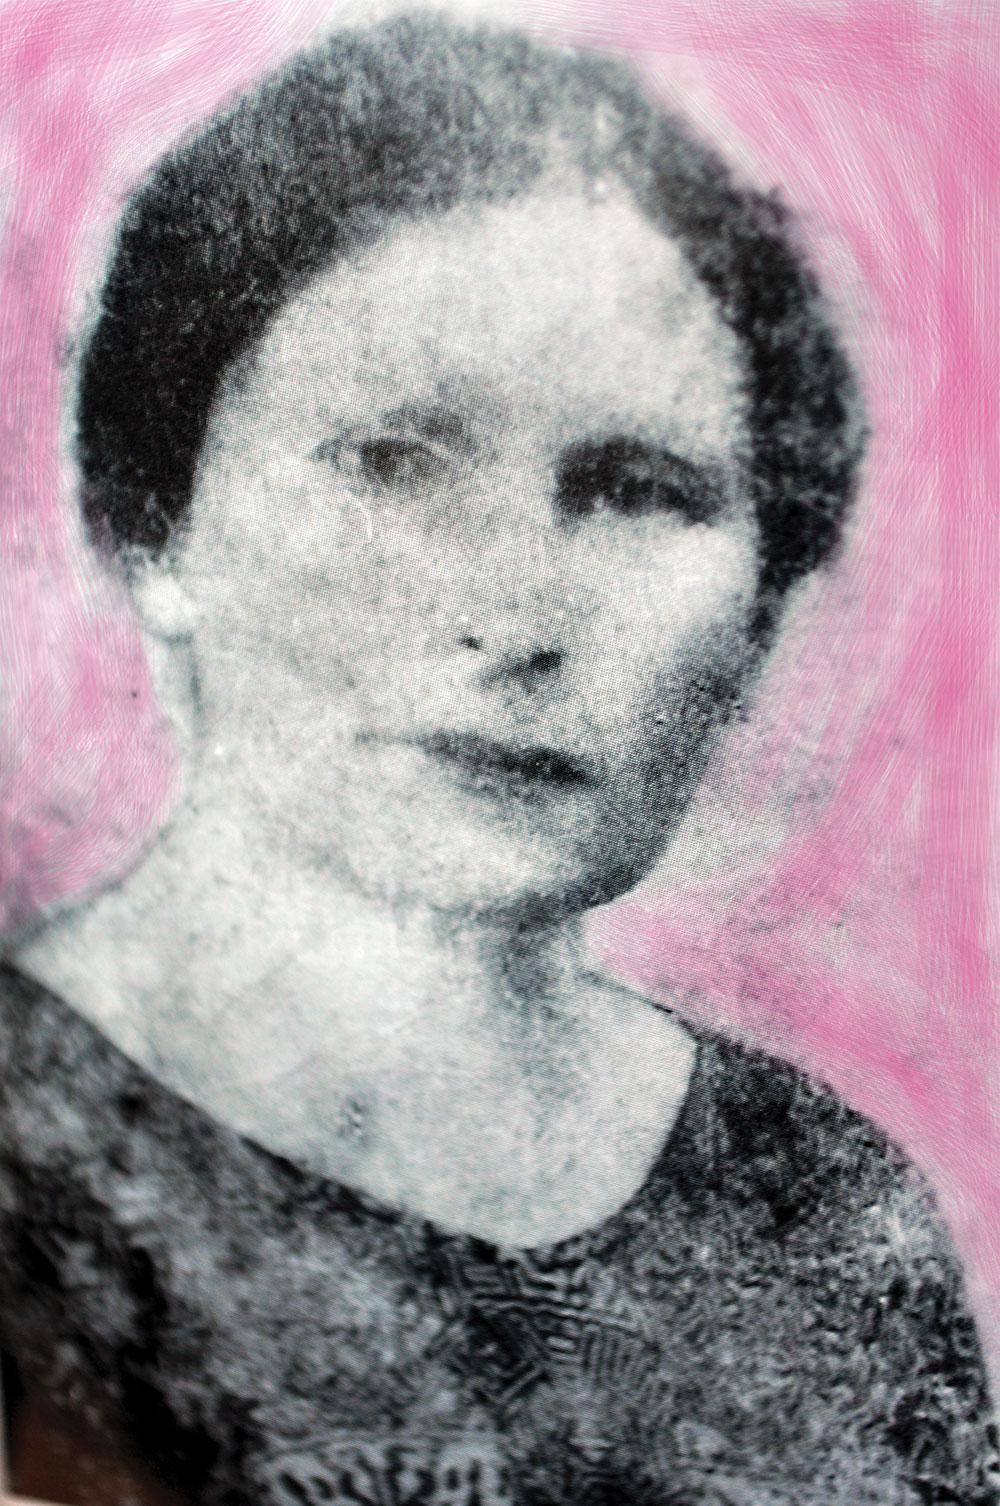 Sabina Spielrein in instinkt smrti